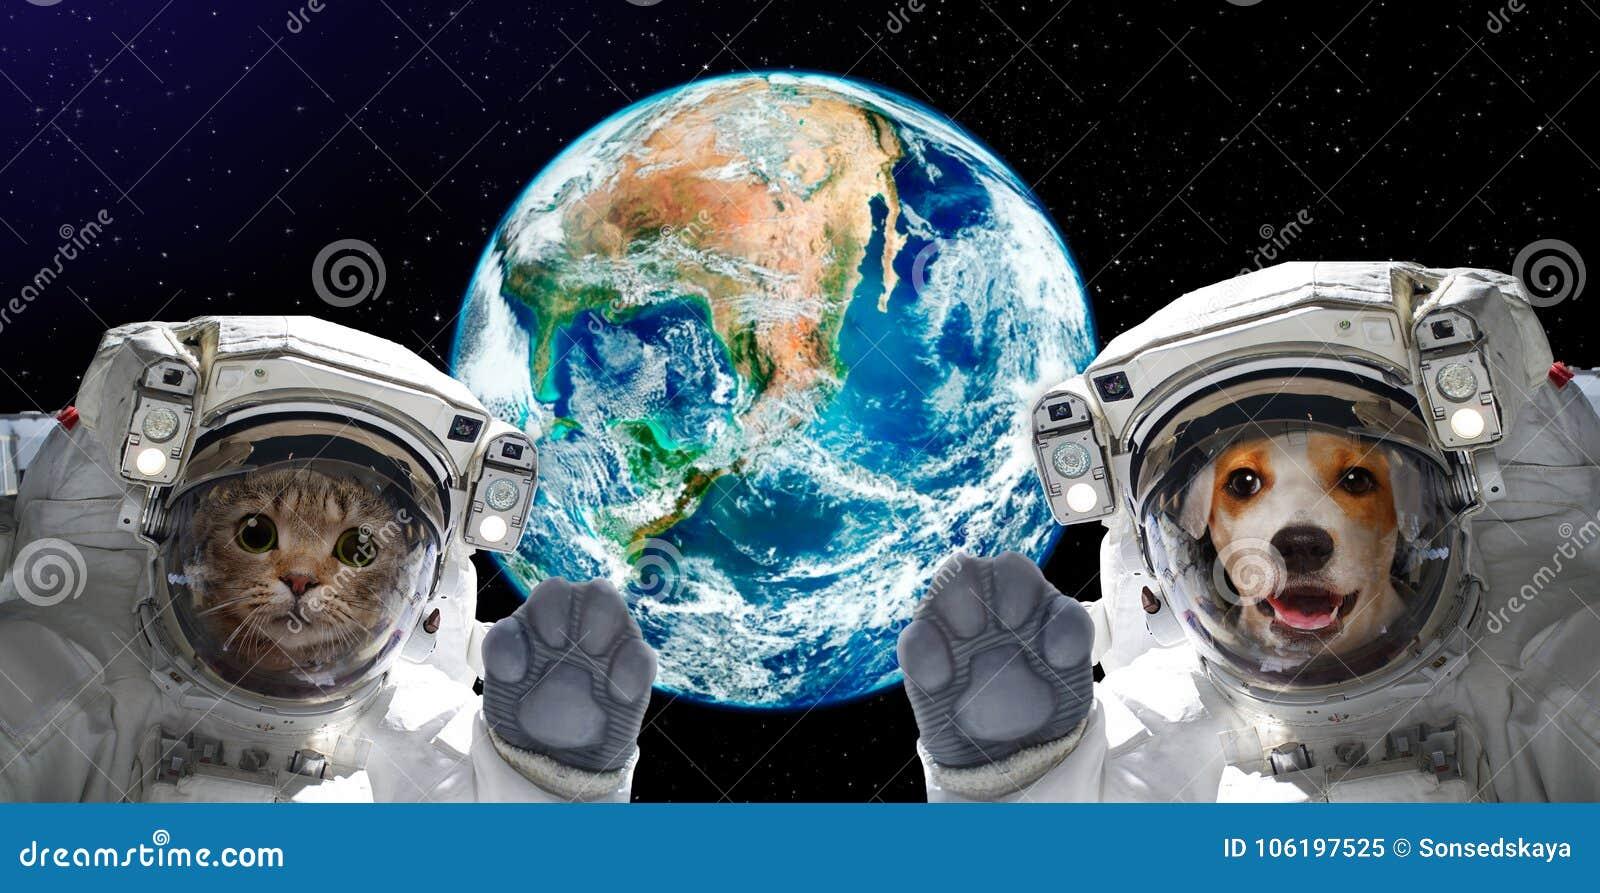 Portret van een kat en hondastronauten op de achtergrond van de bol